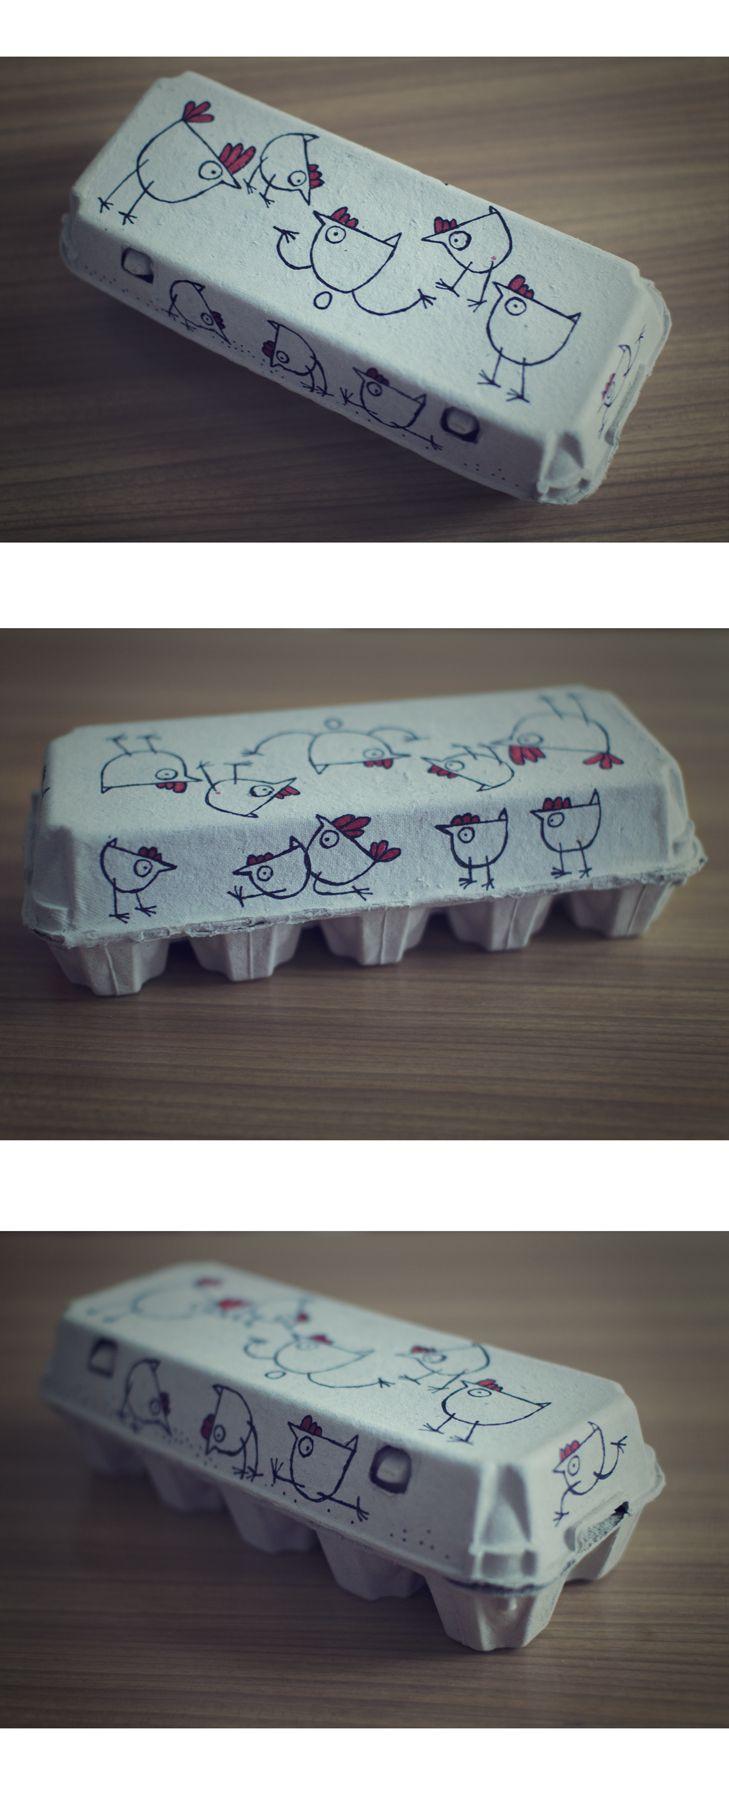 Egg packaging - kurosutra on Behance